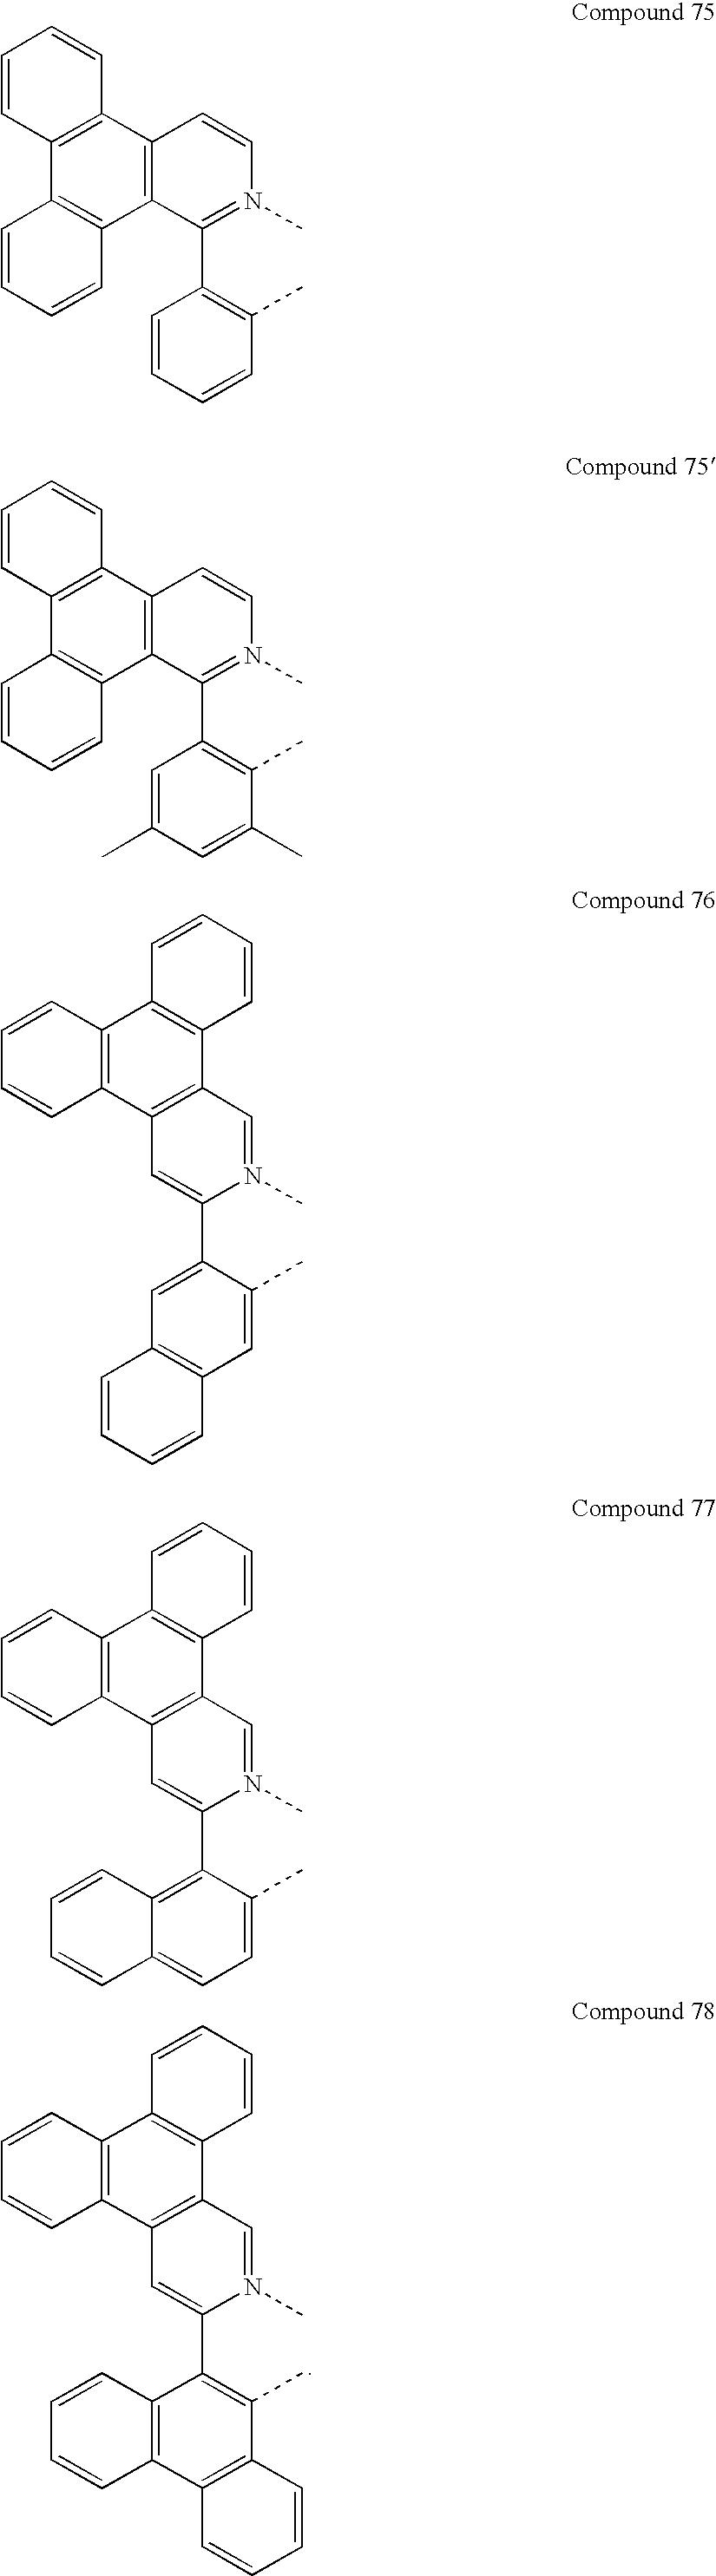 Figure US20100289406A1-20101118-C00053